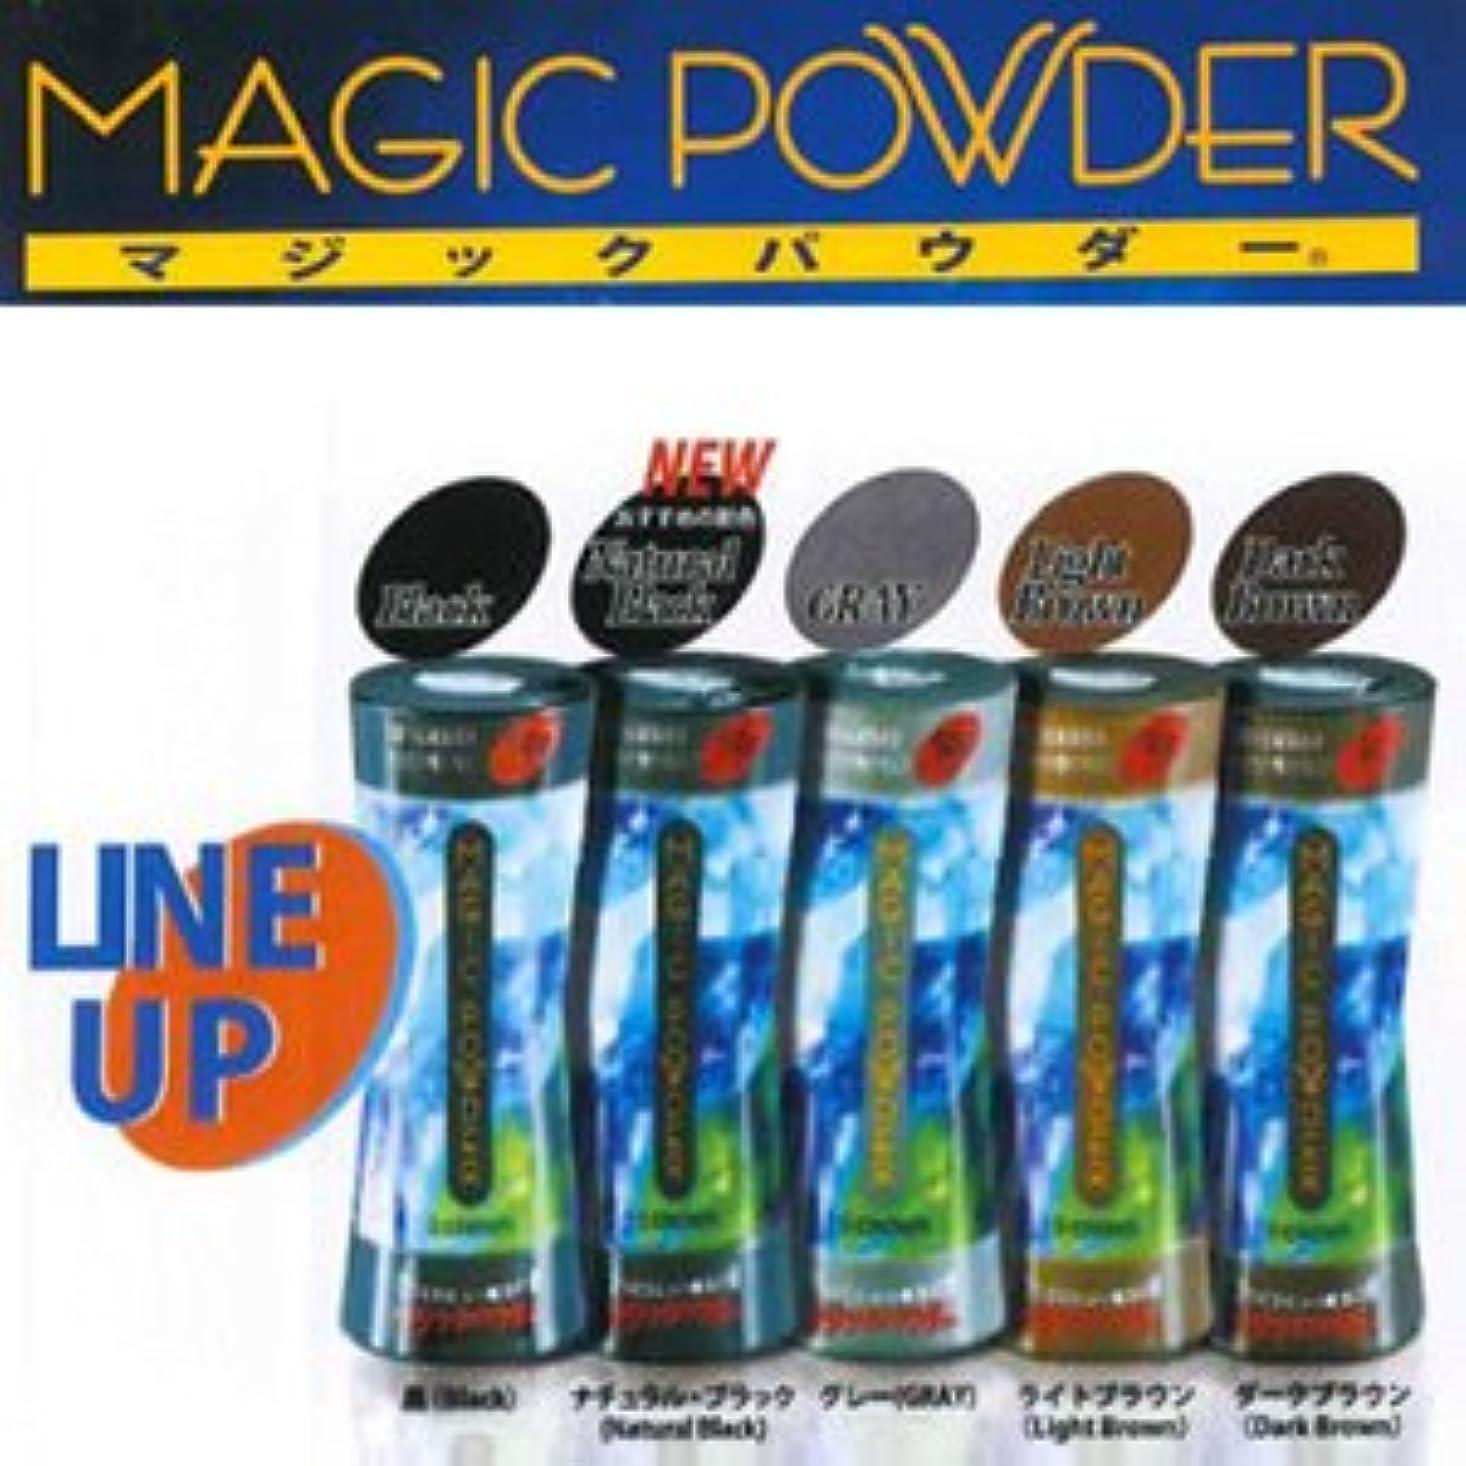 代わりに師匠コークスMAGIC POWDER マジックパウダー ライトブラウン 50g  ※貴方の髪を簡単ボリュームアップ!